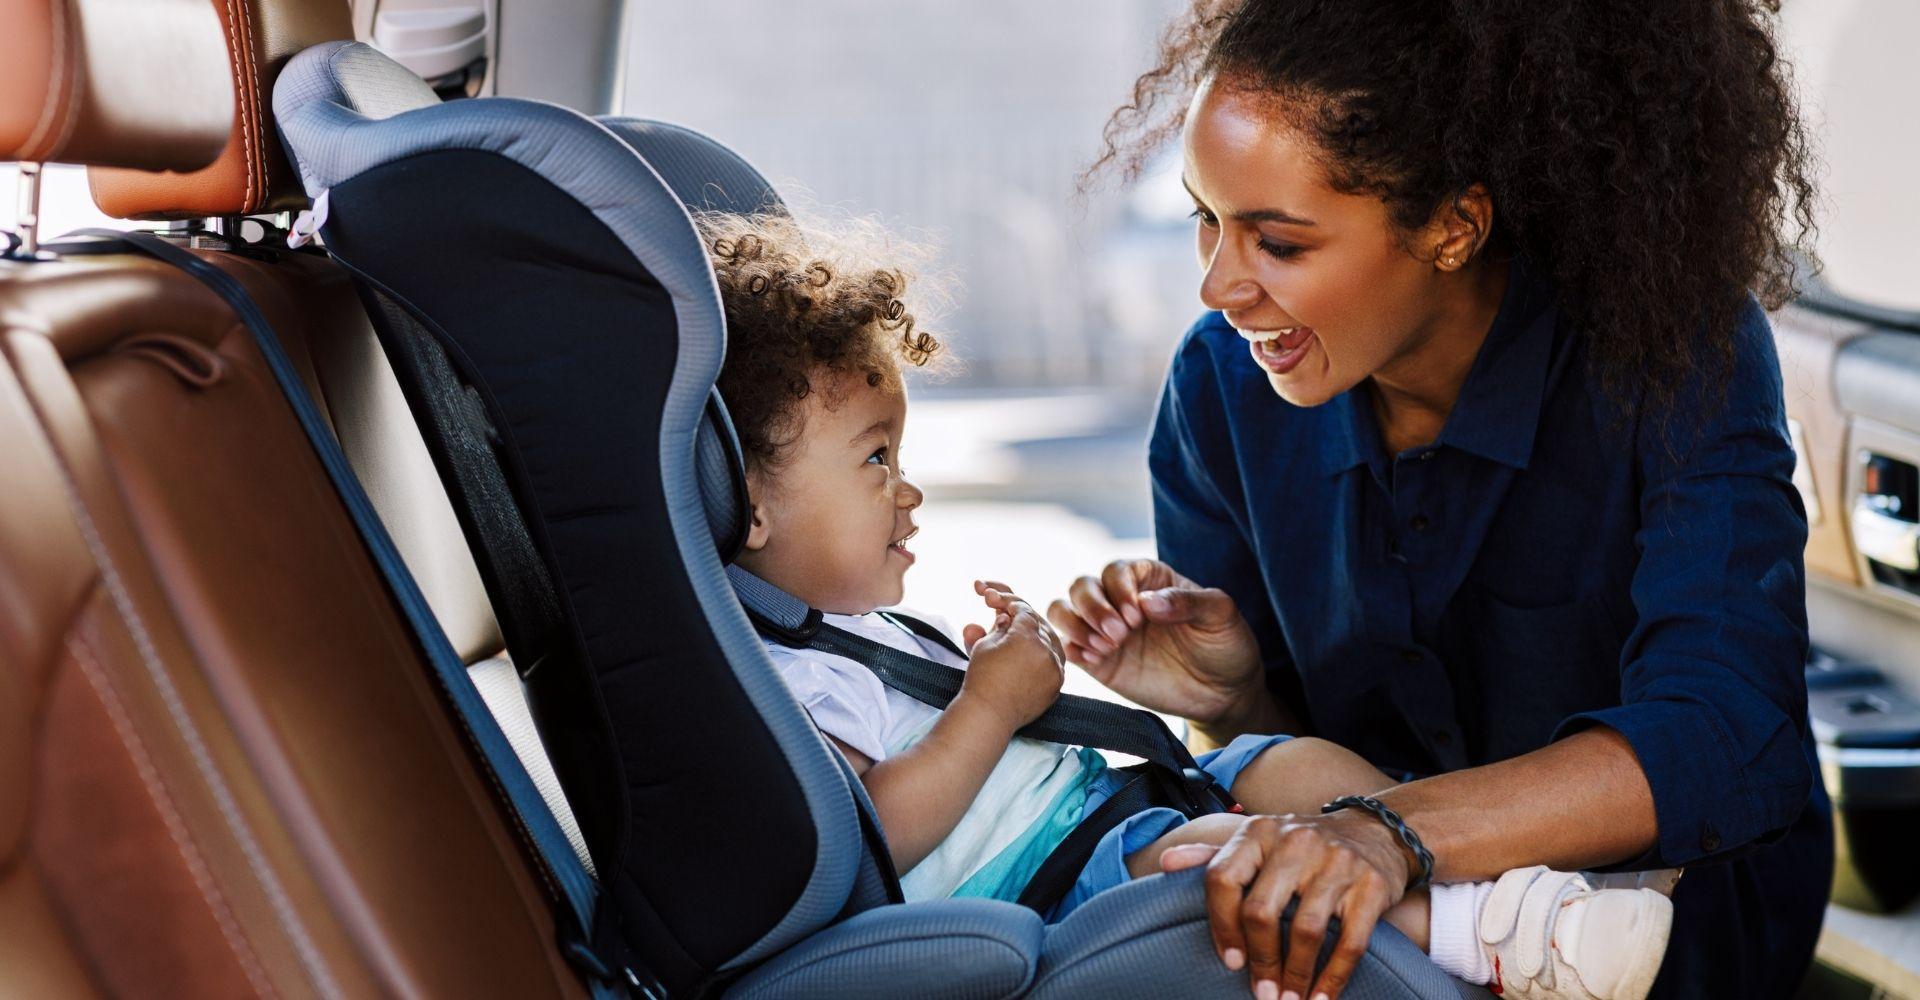 Przewożenie dzieci w samochodzie – jak to robić bezpiecznie i zgodnie z prawem?